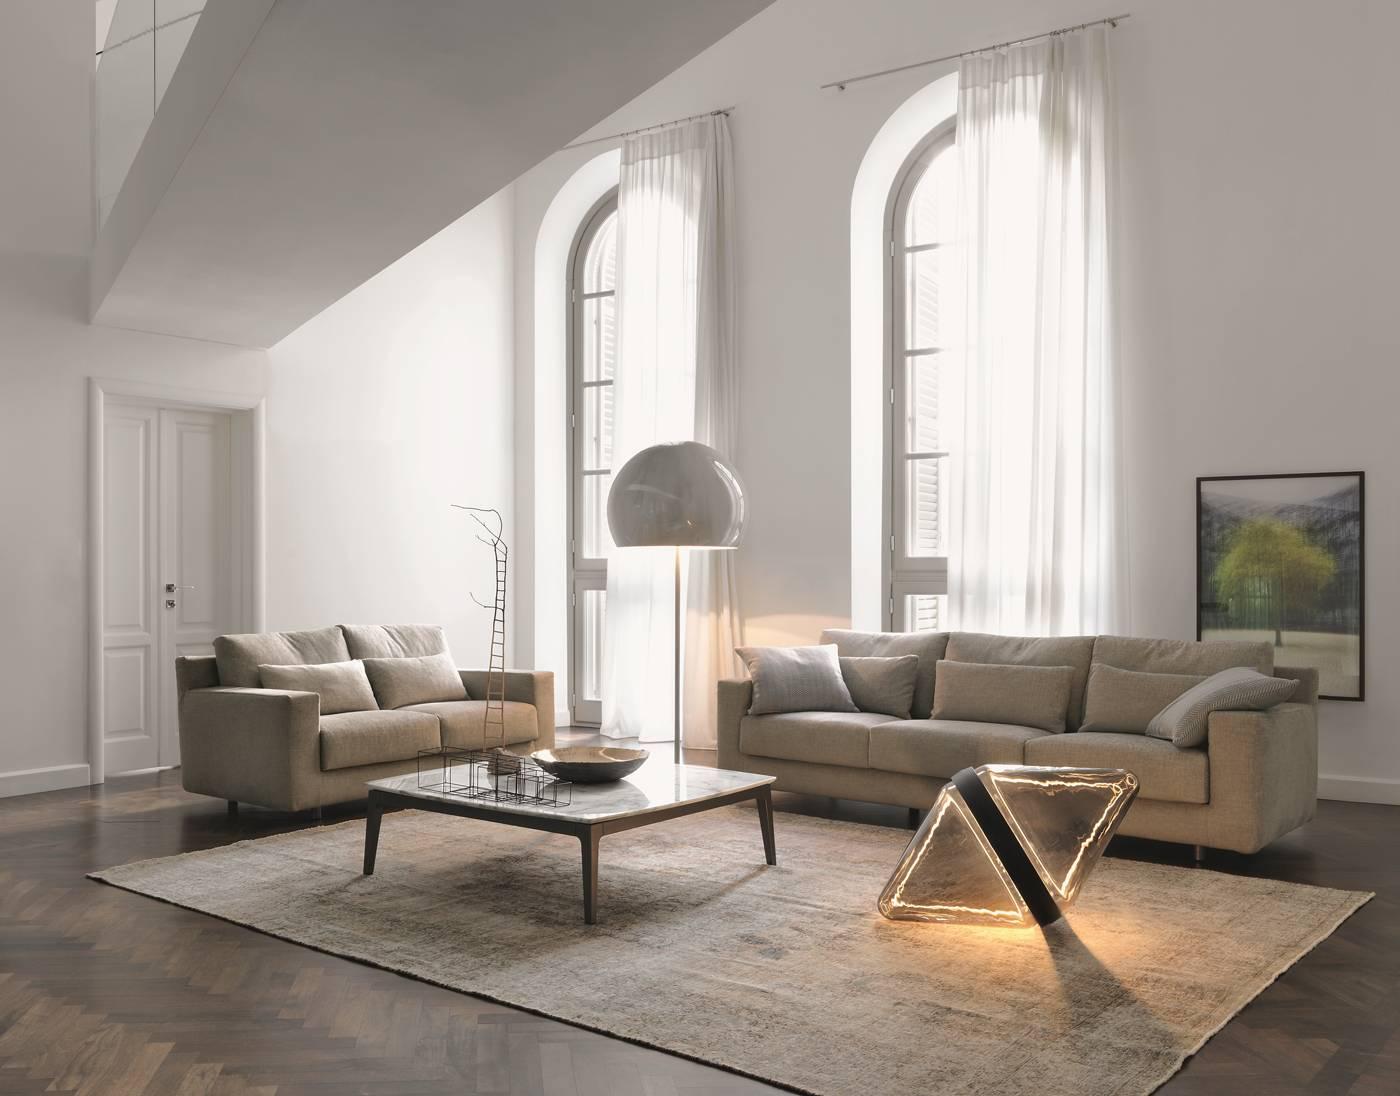 Flou la r f rence confort et luxe id es d co meubles for Salotti bellissimi